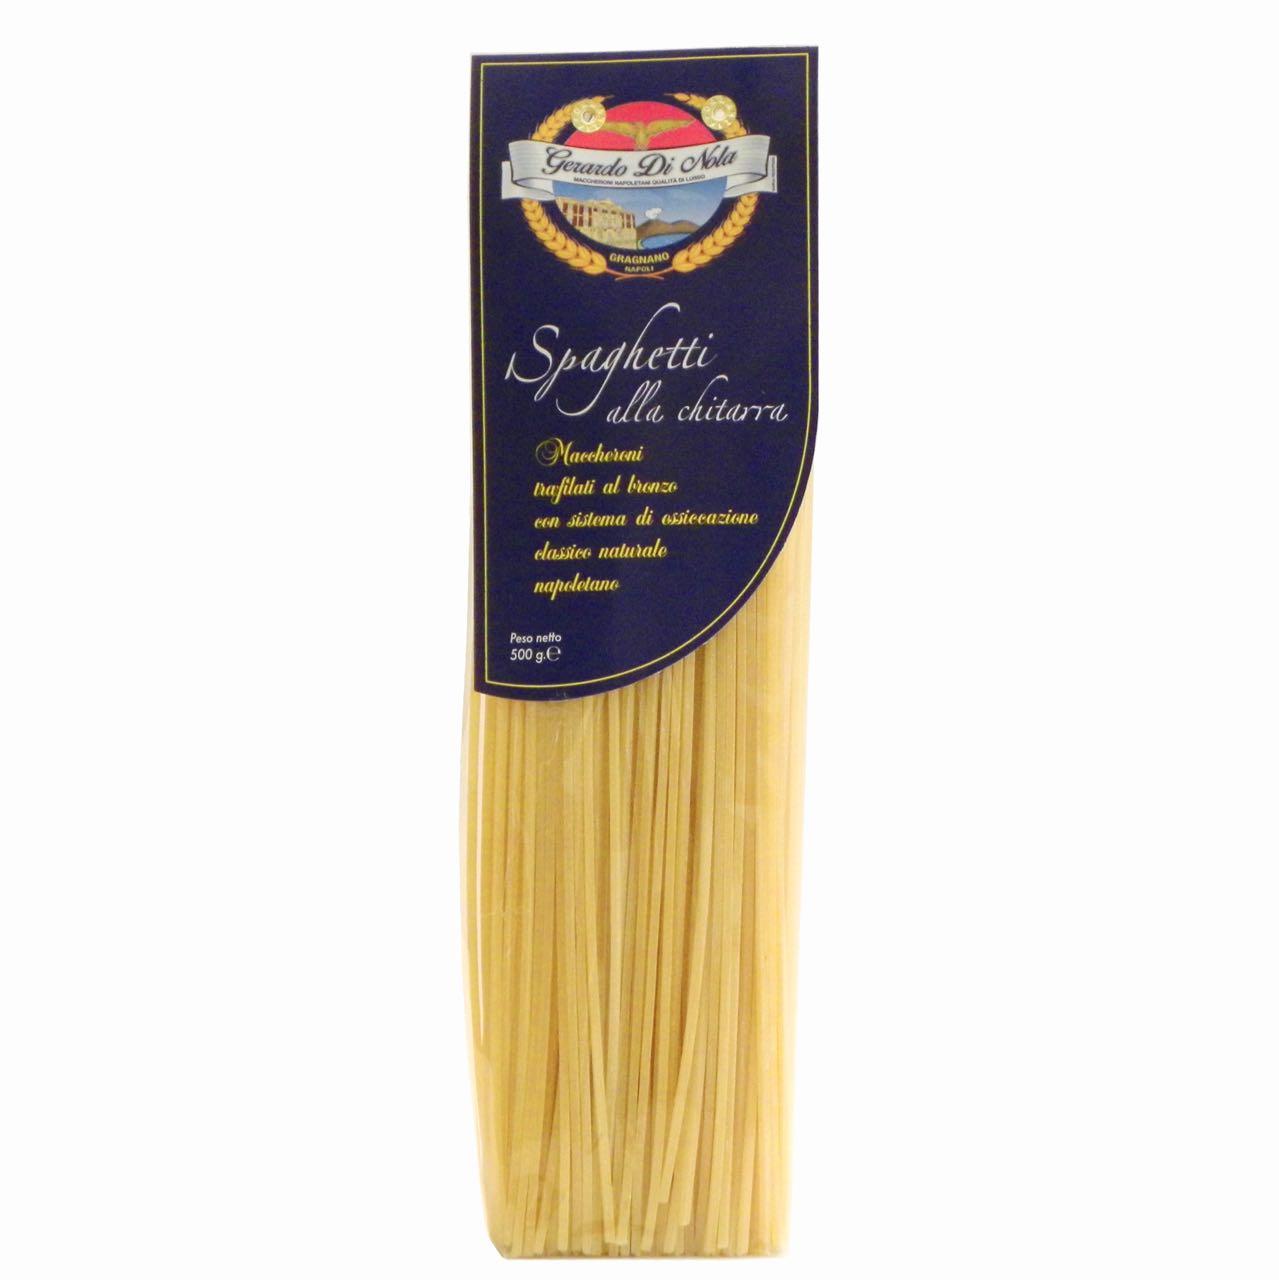 Gerado di Nola – spaghetti alla chitarra – Gustorotondo Italian food boutique – I migliori cibi online – Best Italian foods online – spesa online